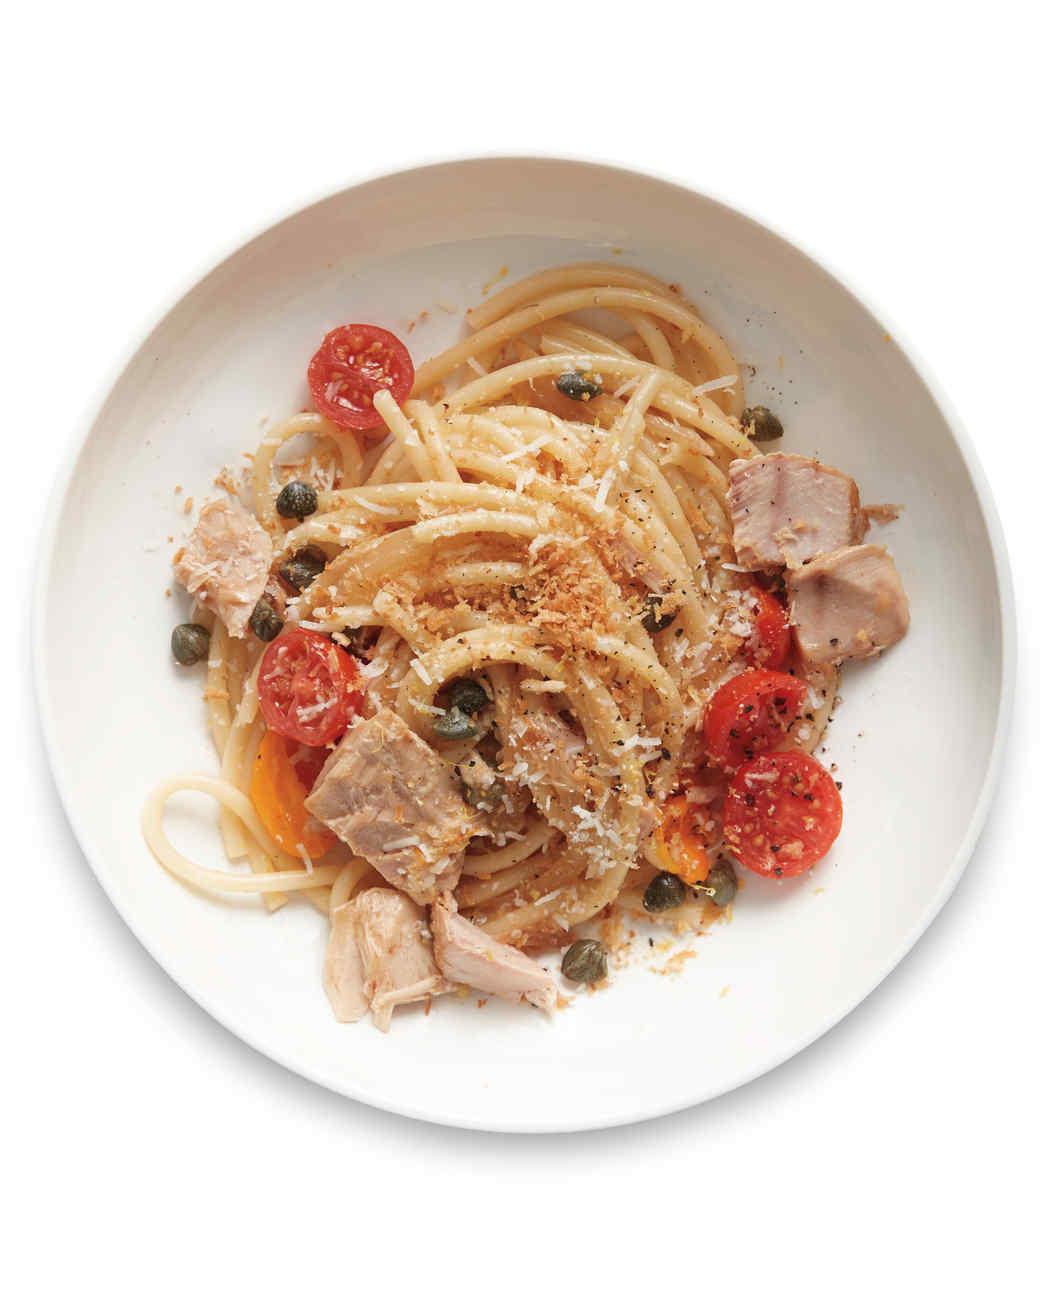 spaghetti-tuna-capers-tomatoes-006-md109951.jpg